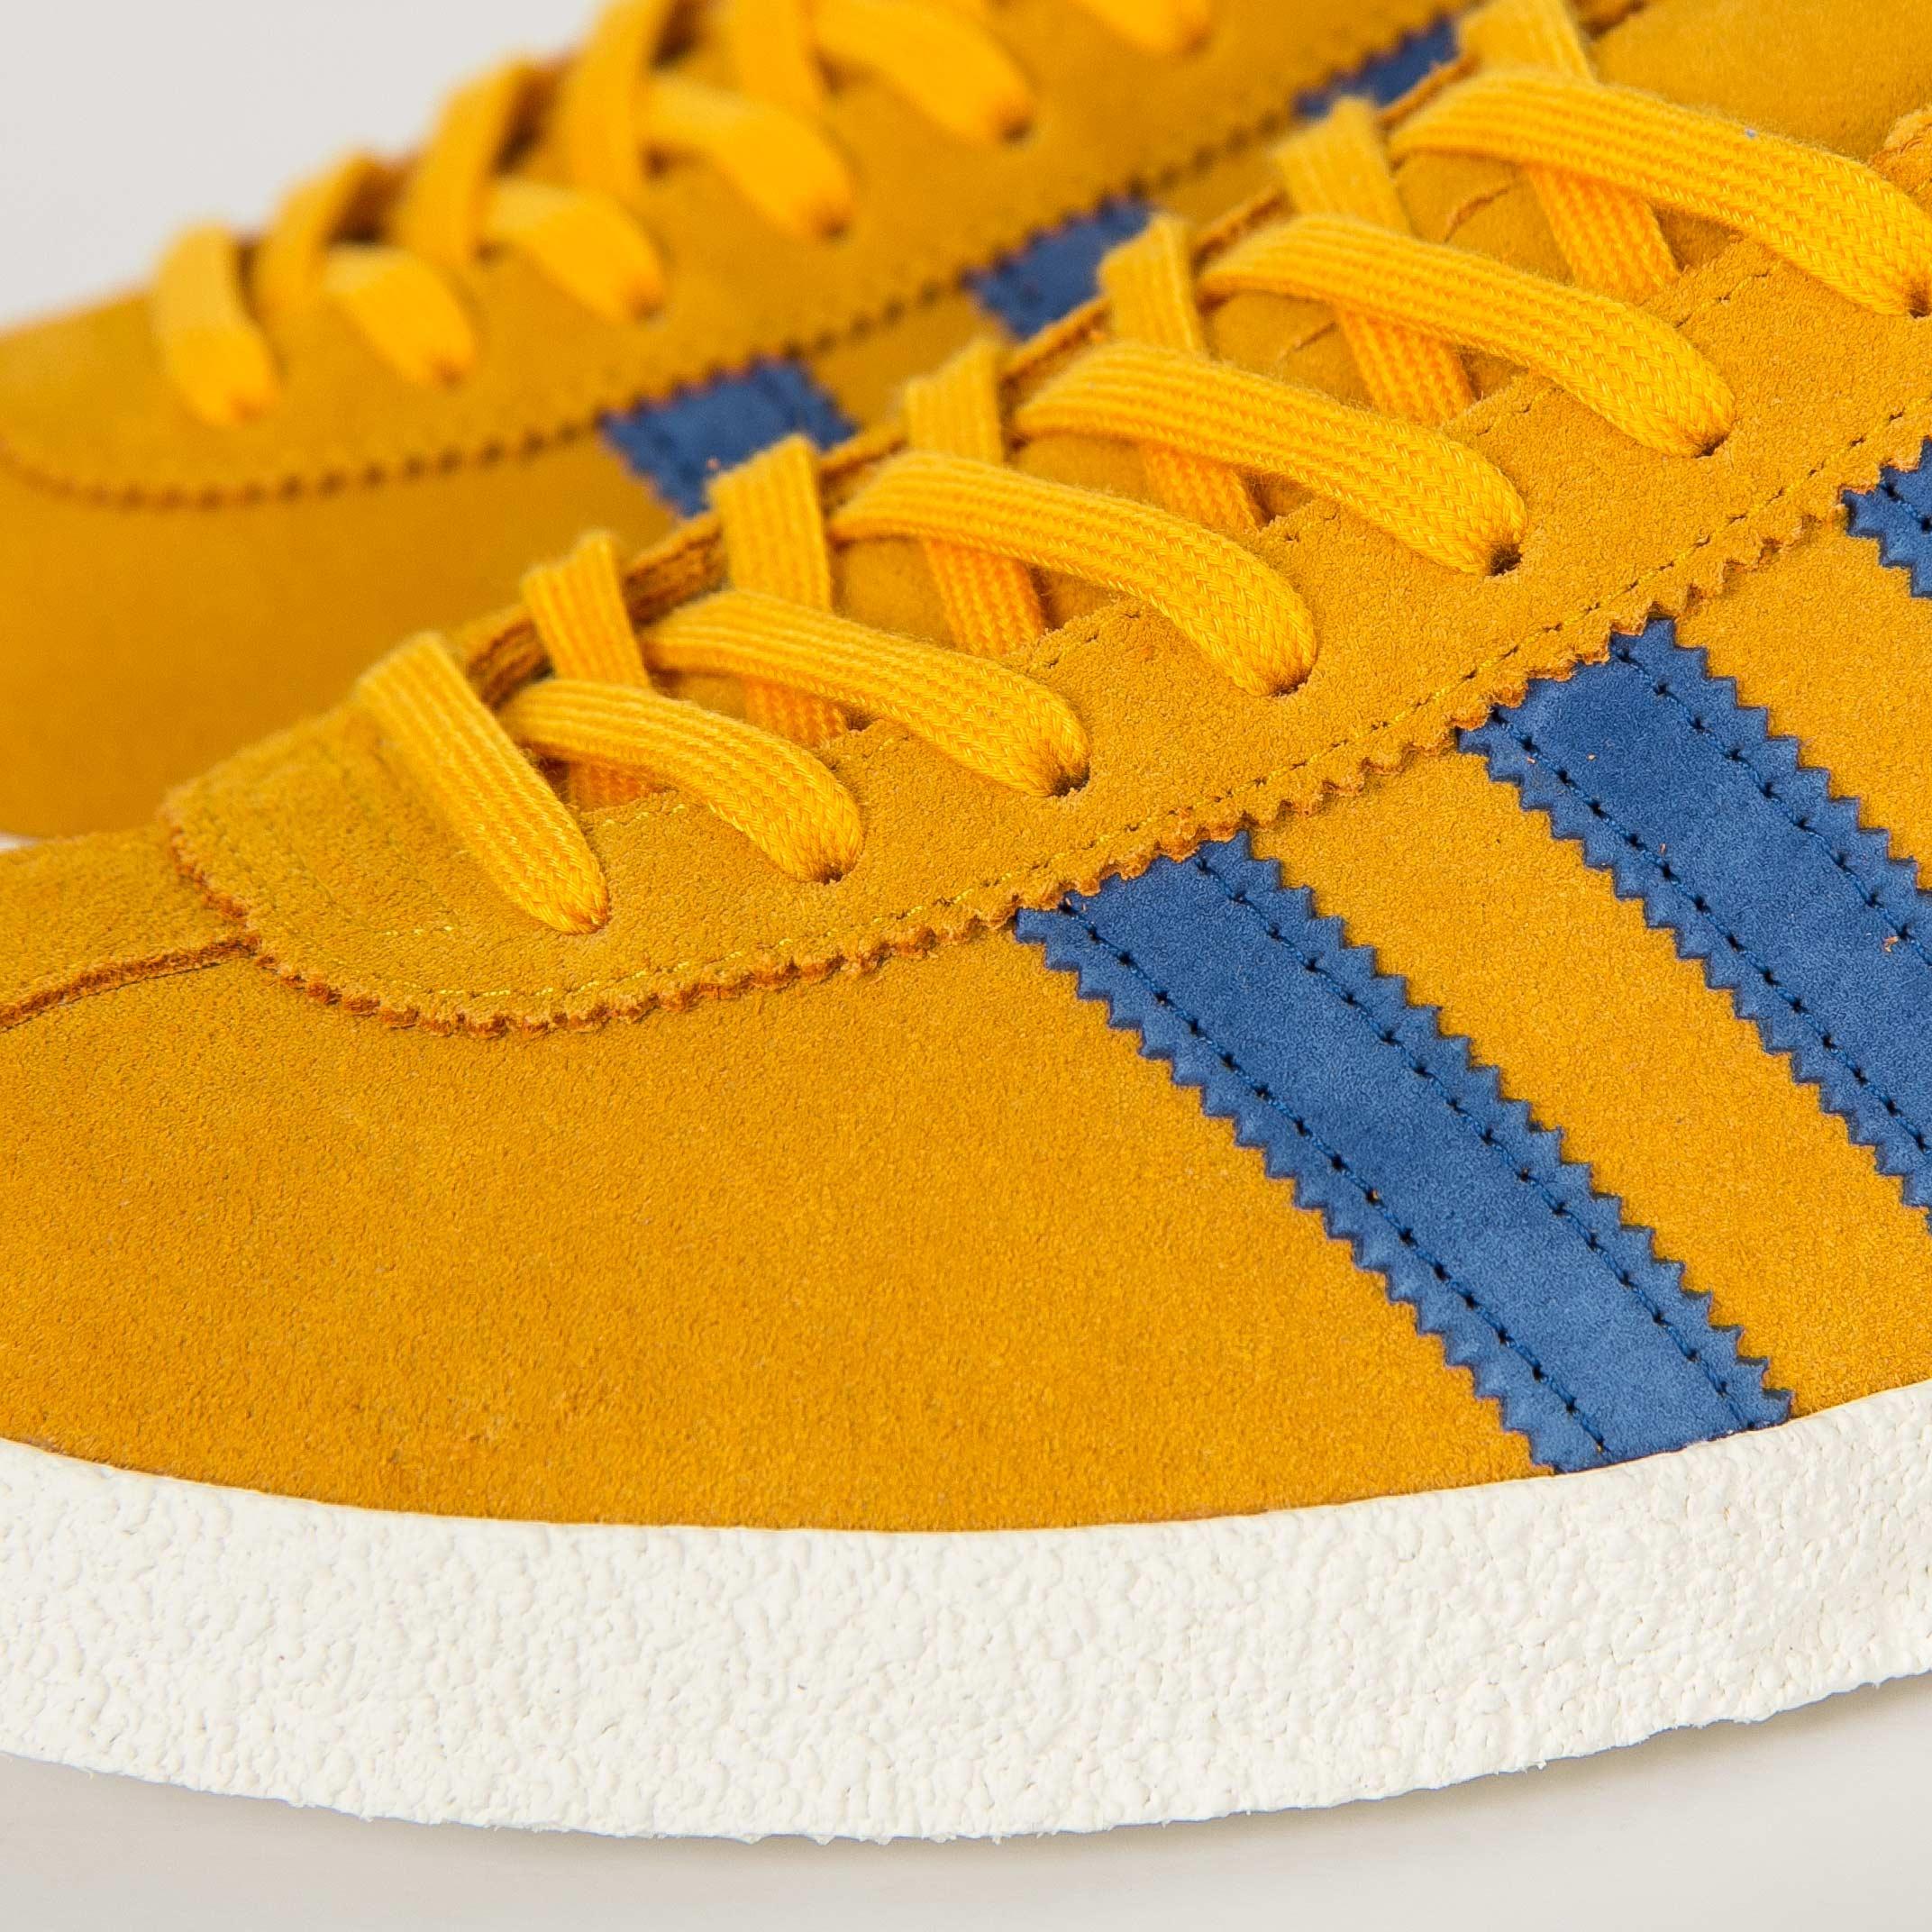 Adidas Topanga S75501 Sneaker